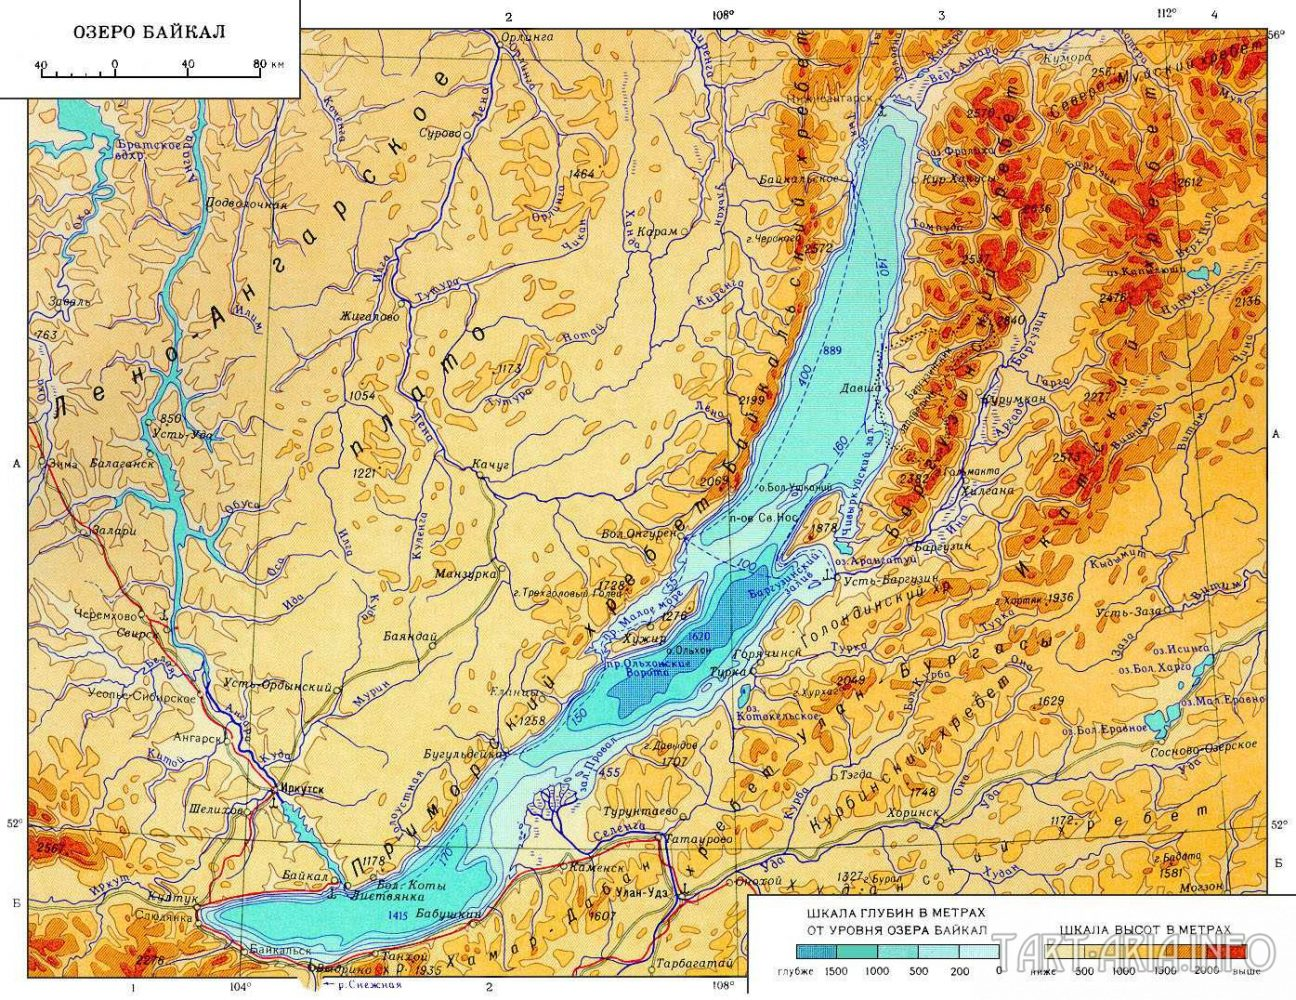 это картинки озера байкал карта собрано огромное количество